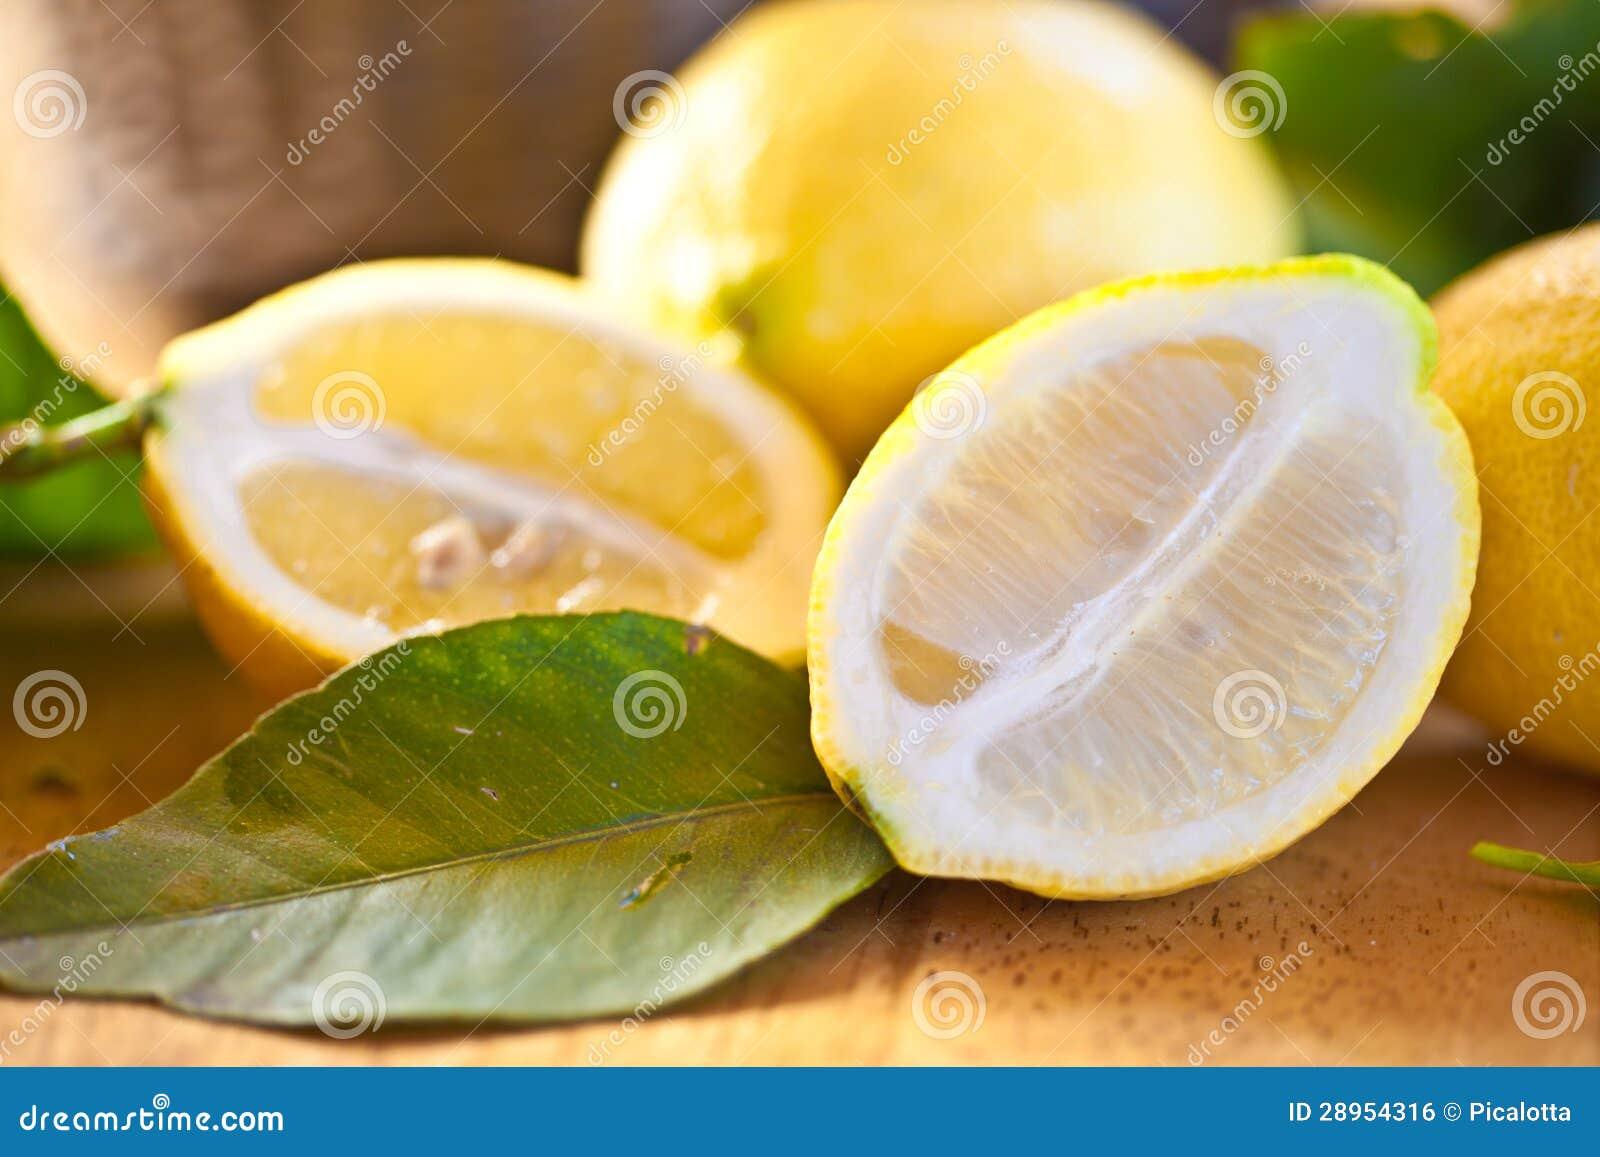 Świeże dojrzałe cytryny